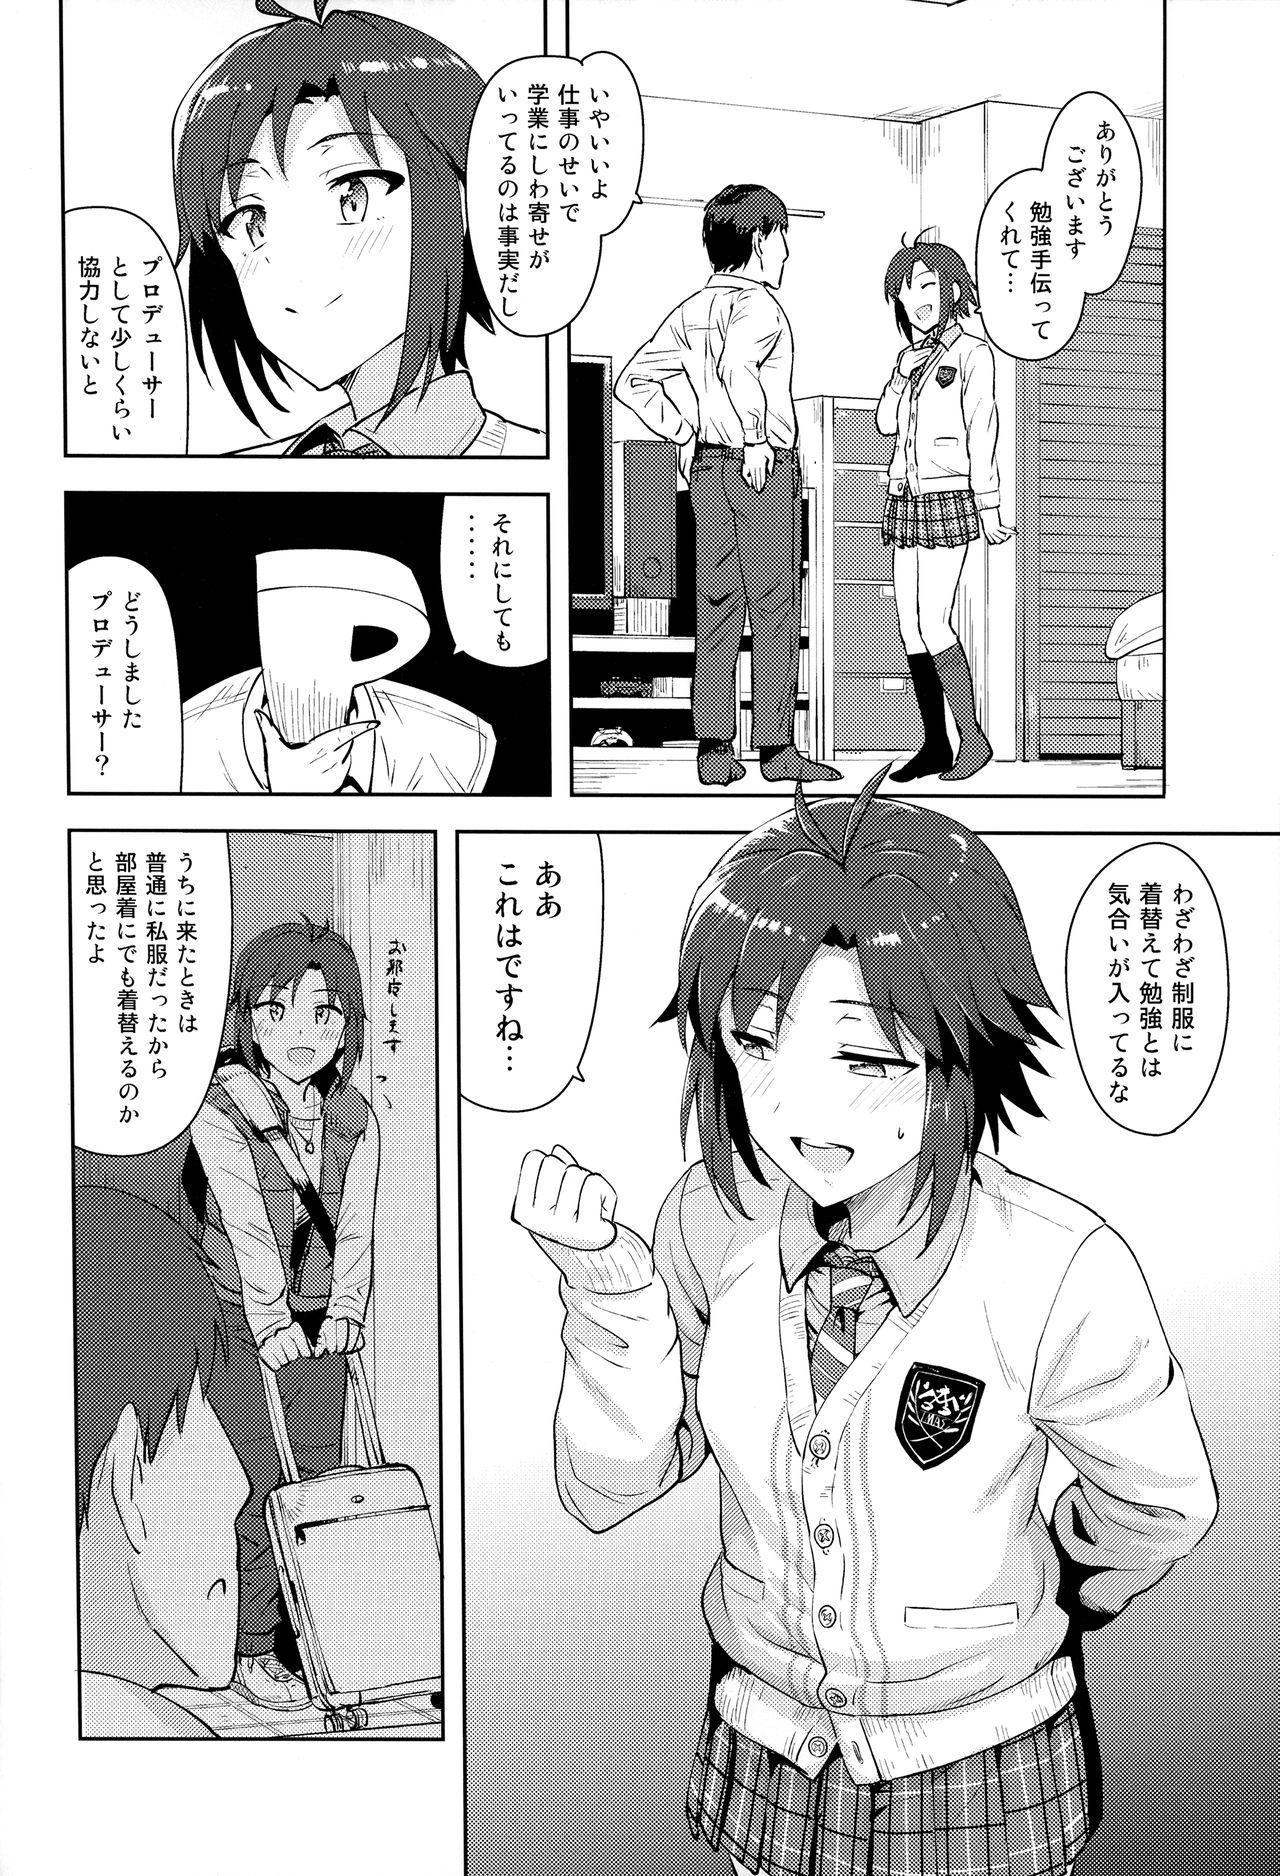 Makoto to Seifuku 2